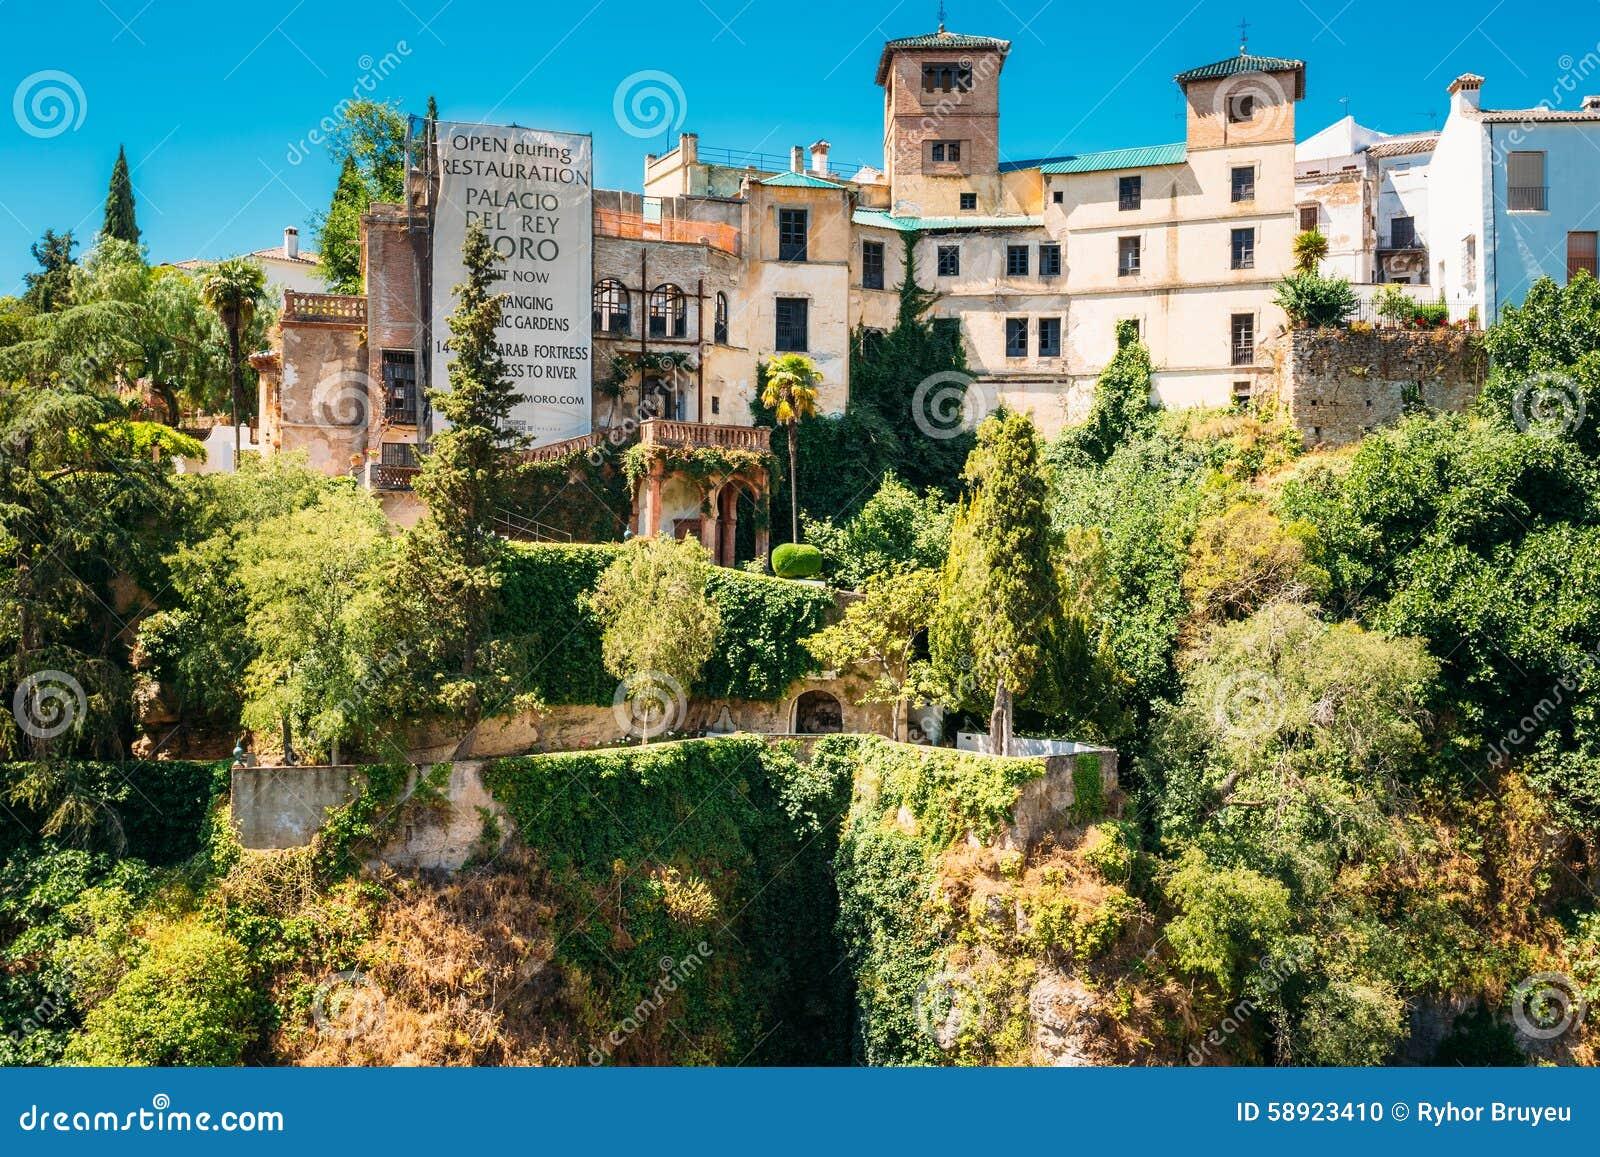 Palacio Del Rey Moro Und Hängende Gärten In Ronda Redaktionelles